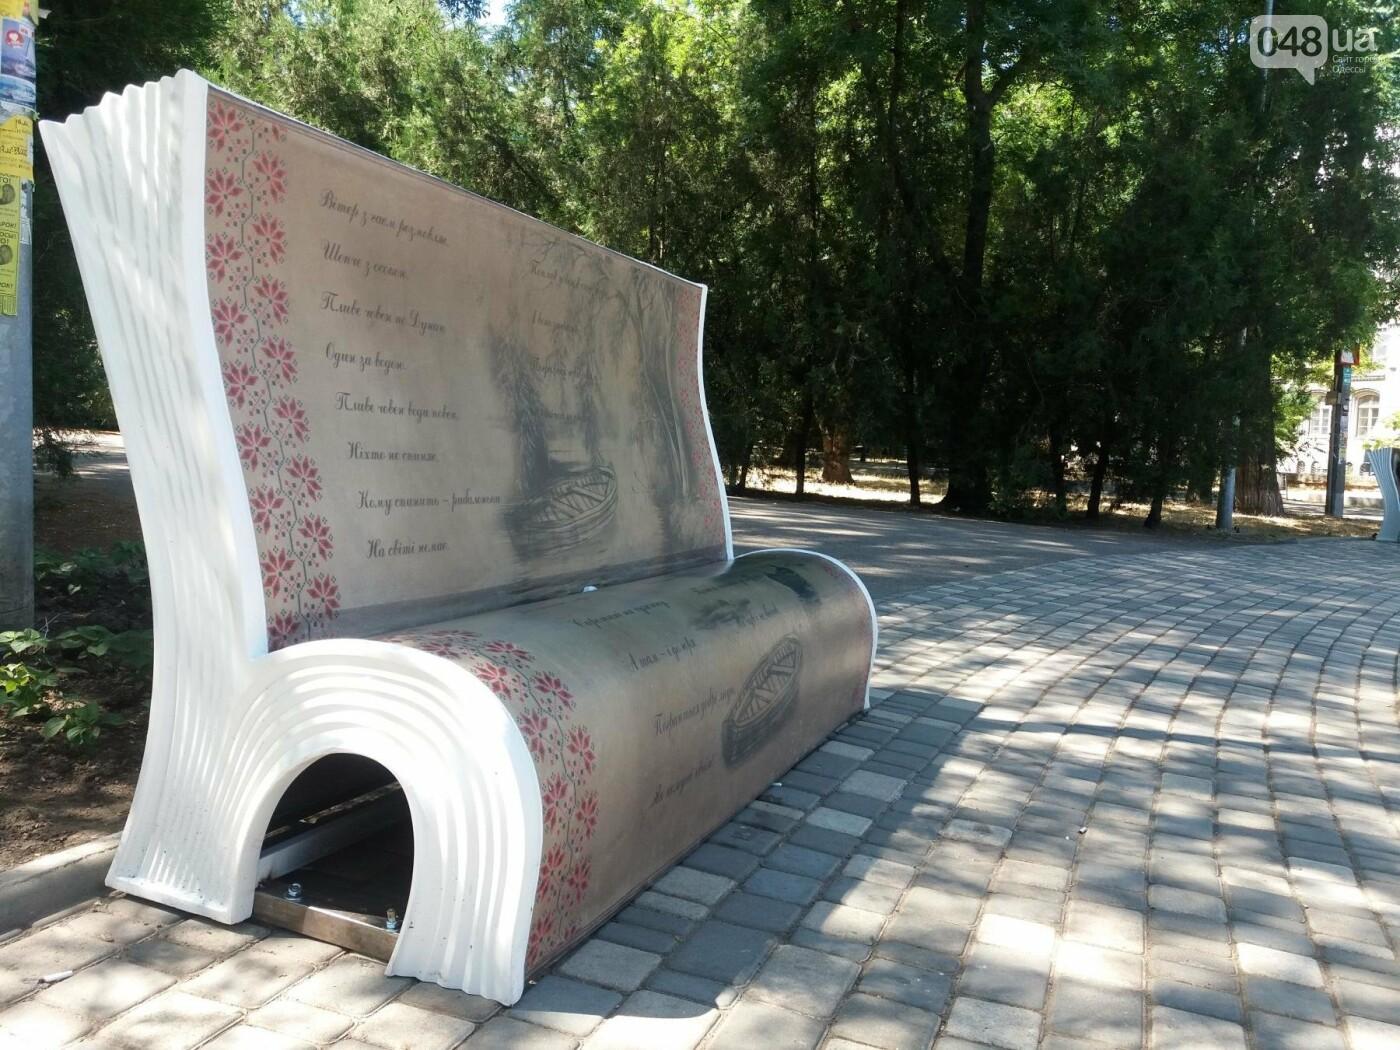 Литературные скамейки украсили одесский парк, - ФОТОФАКТ , фото-2